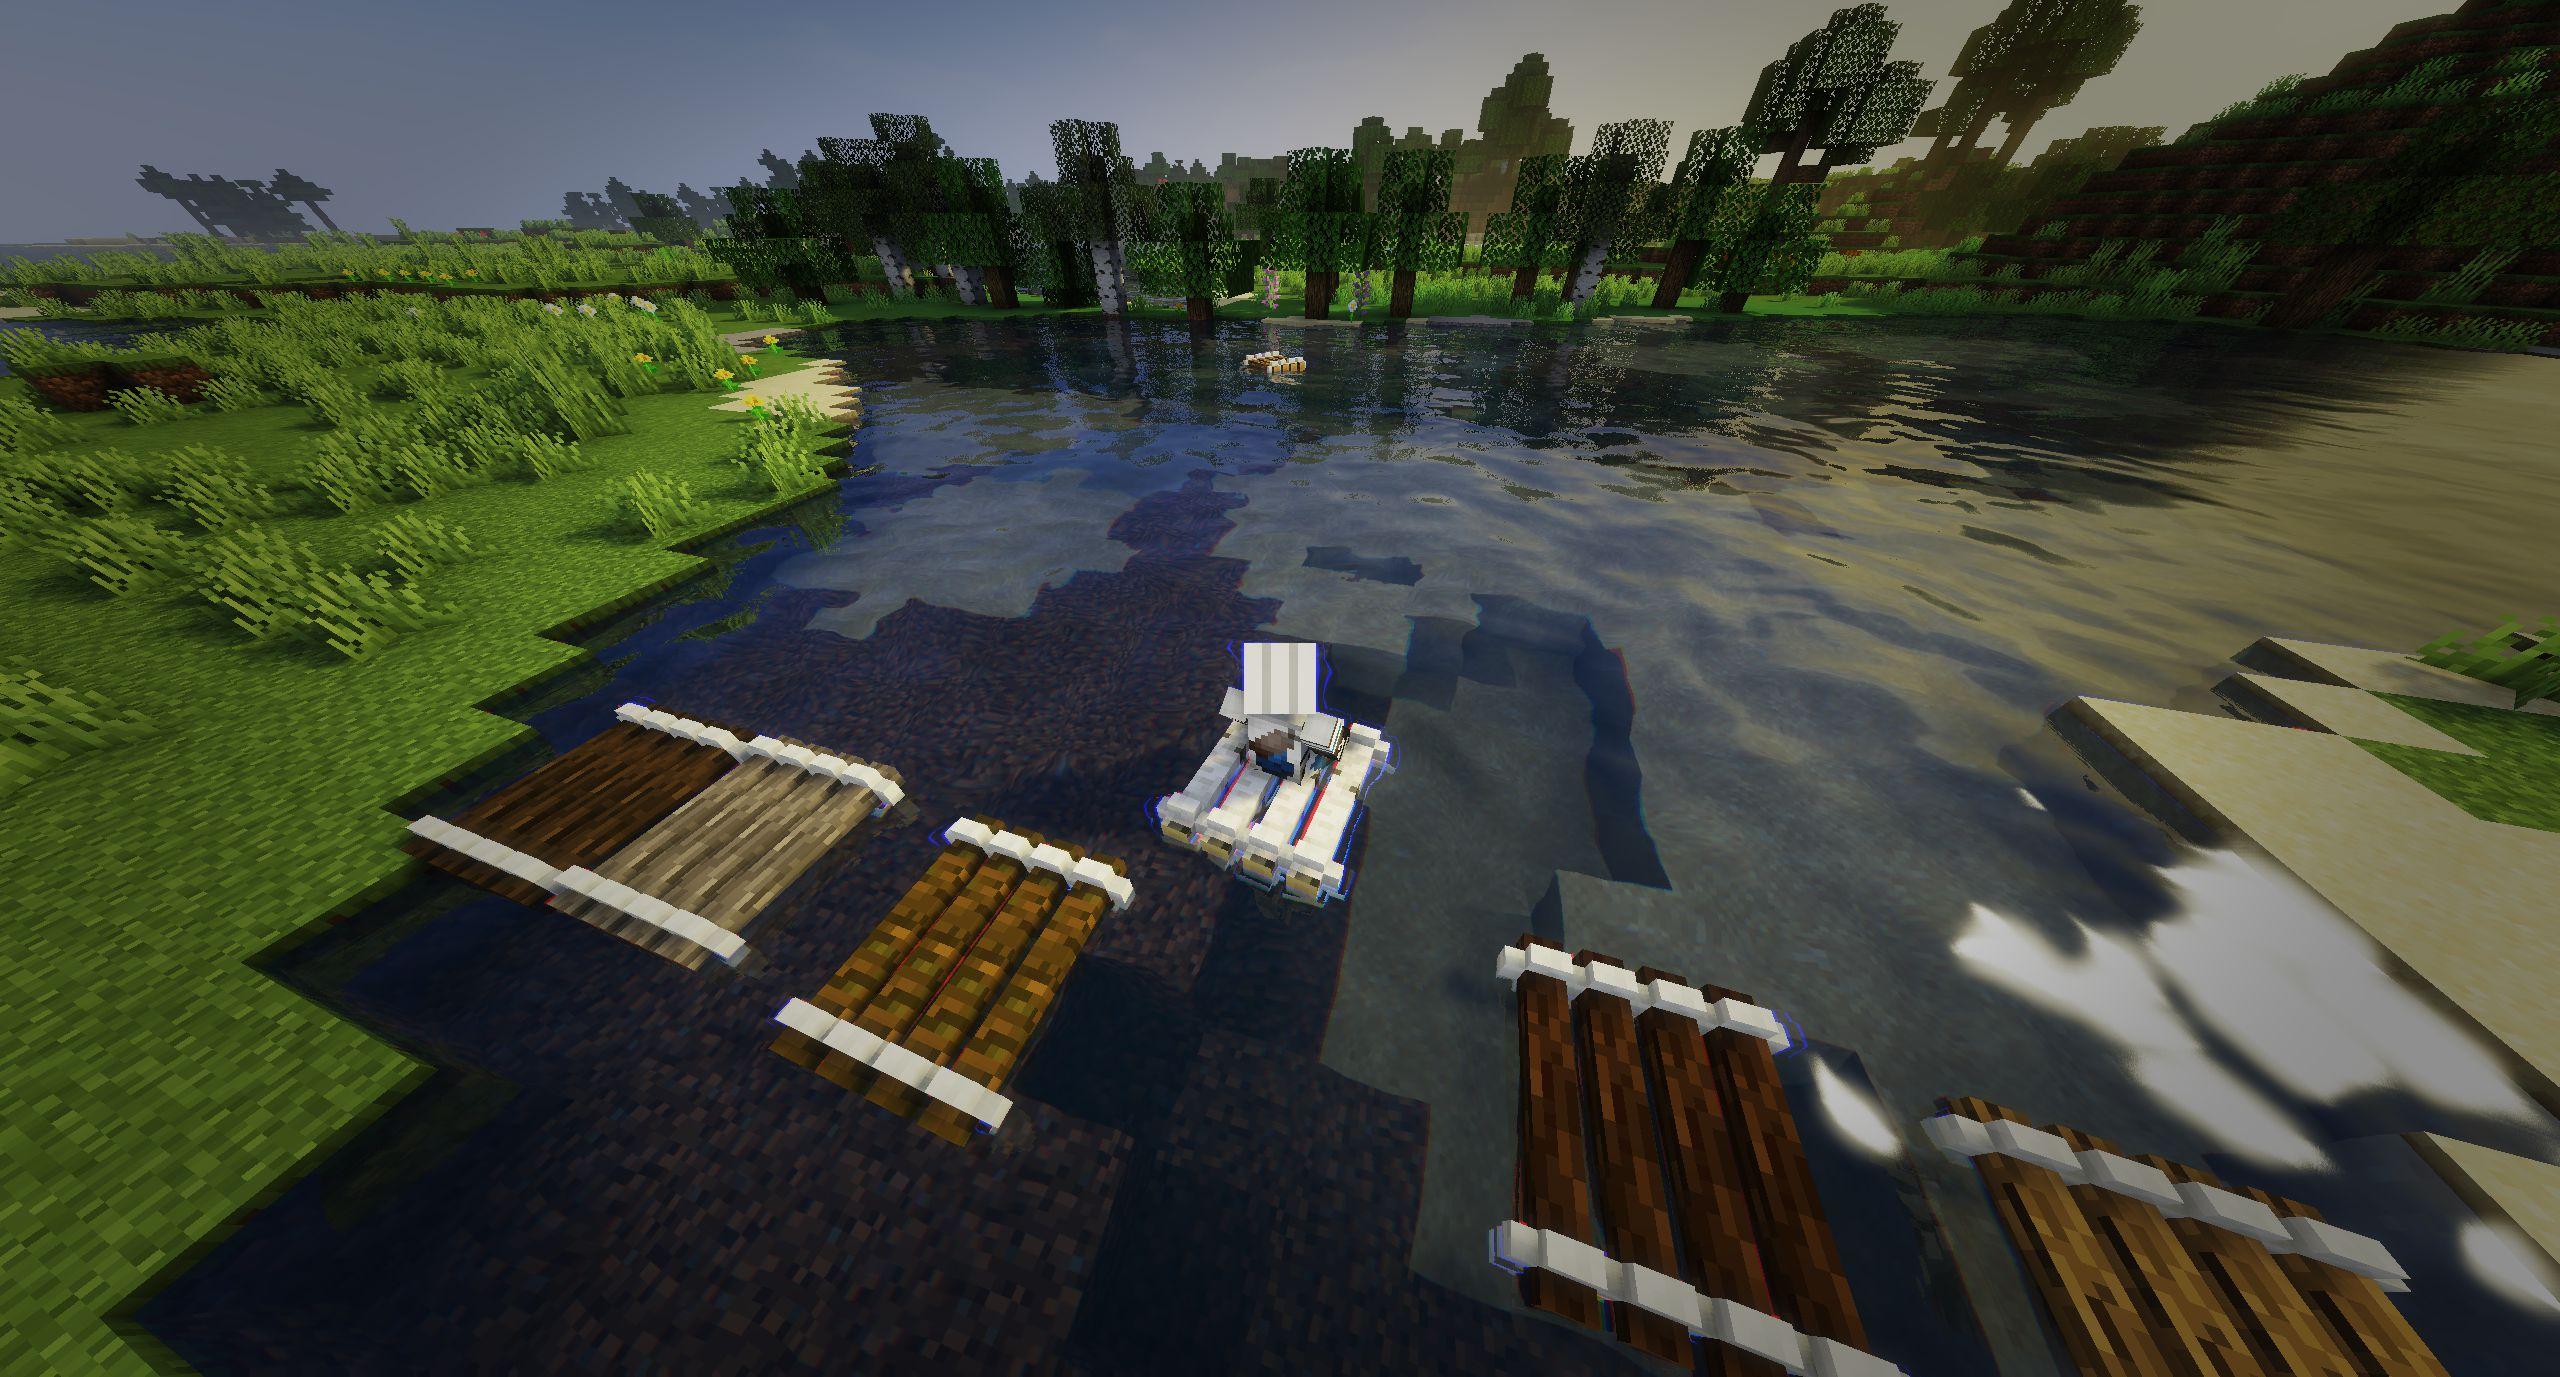 Мод на плот «Just A Raft» (быстрая лодка) - скриншот 1